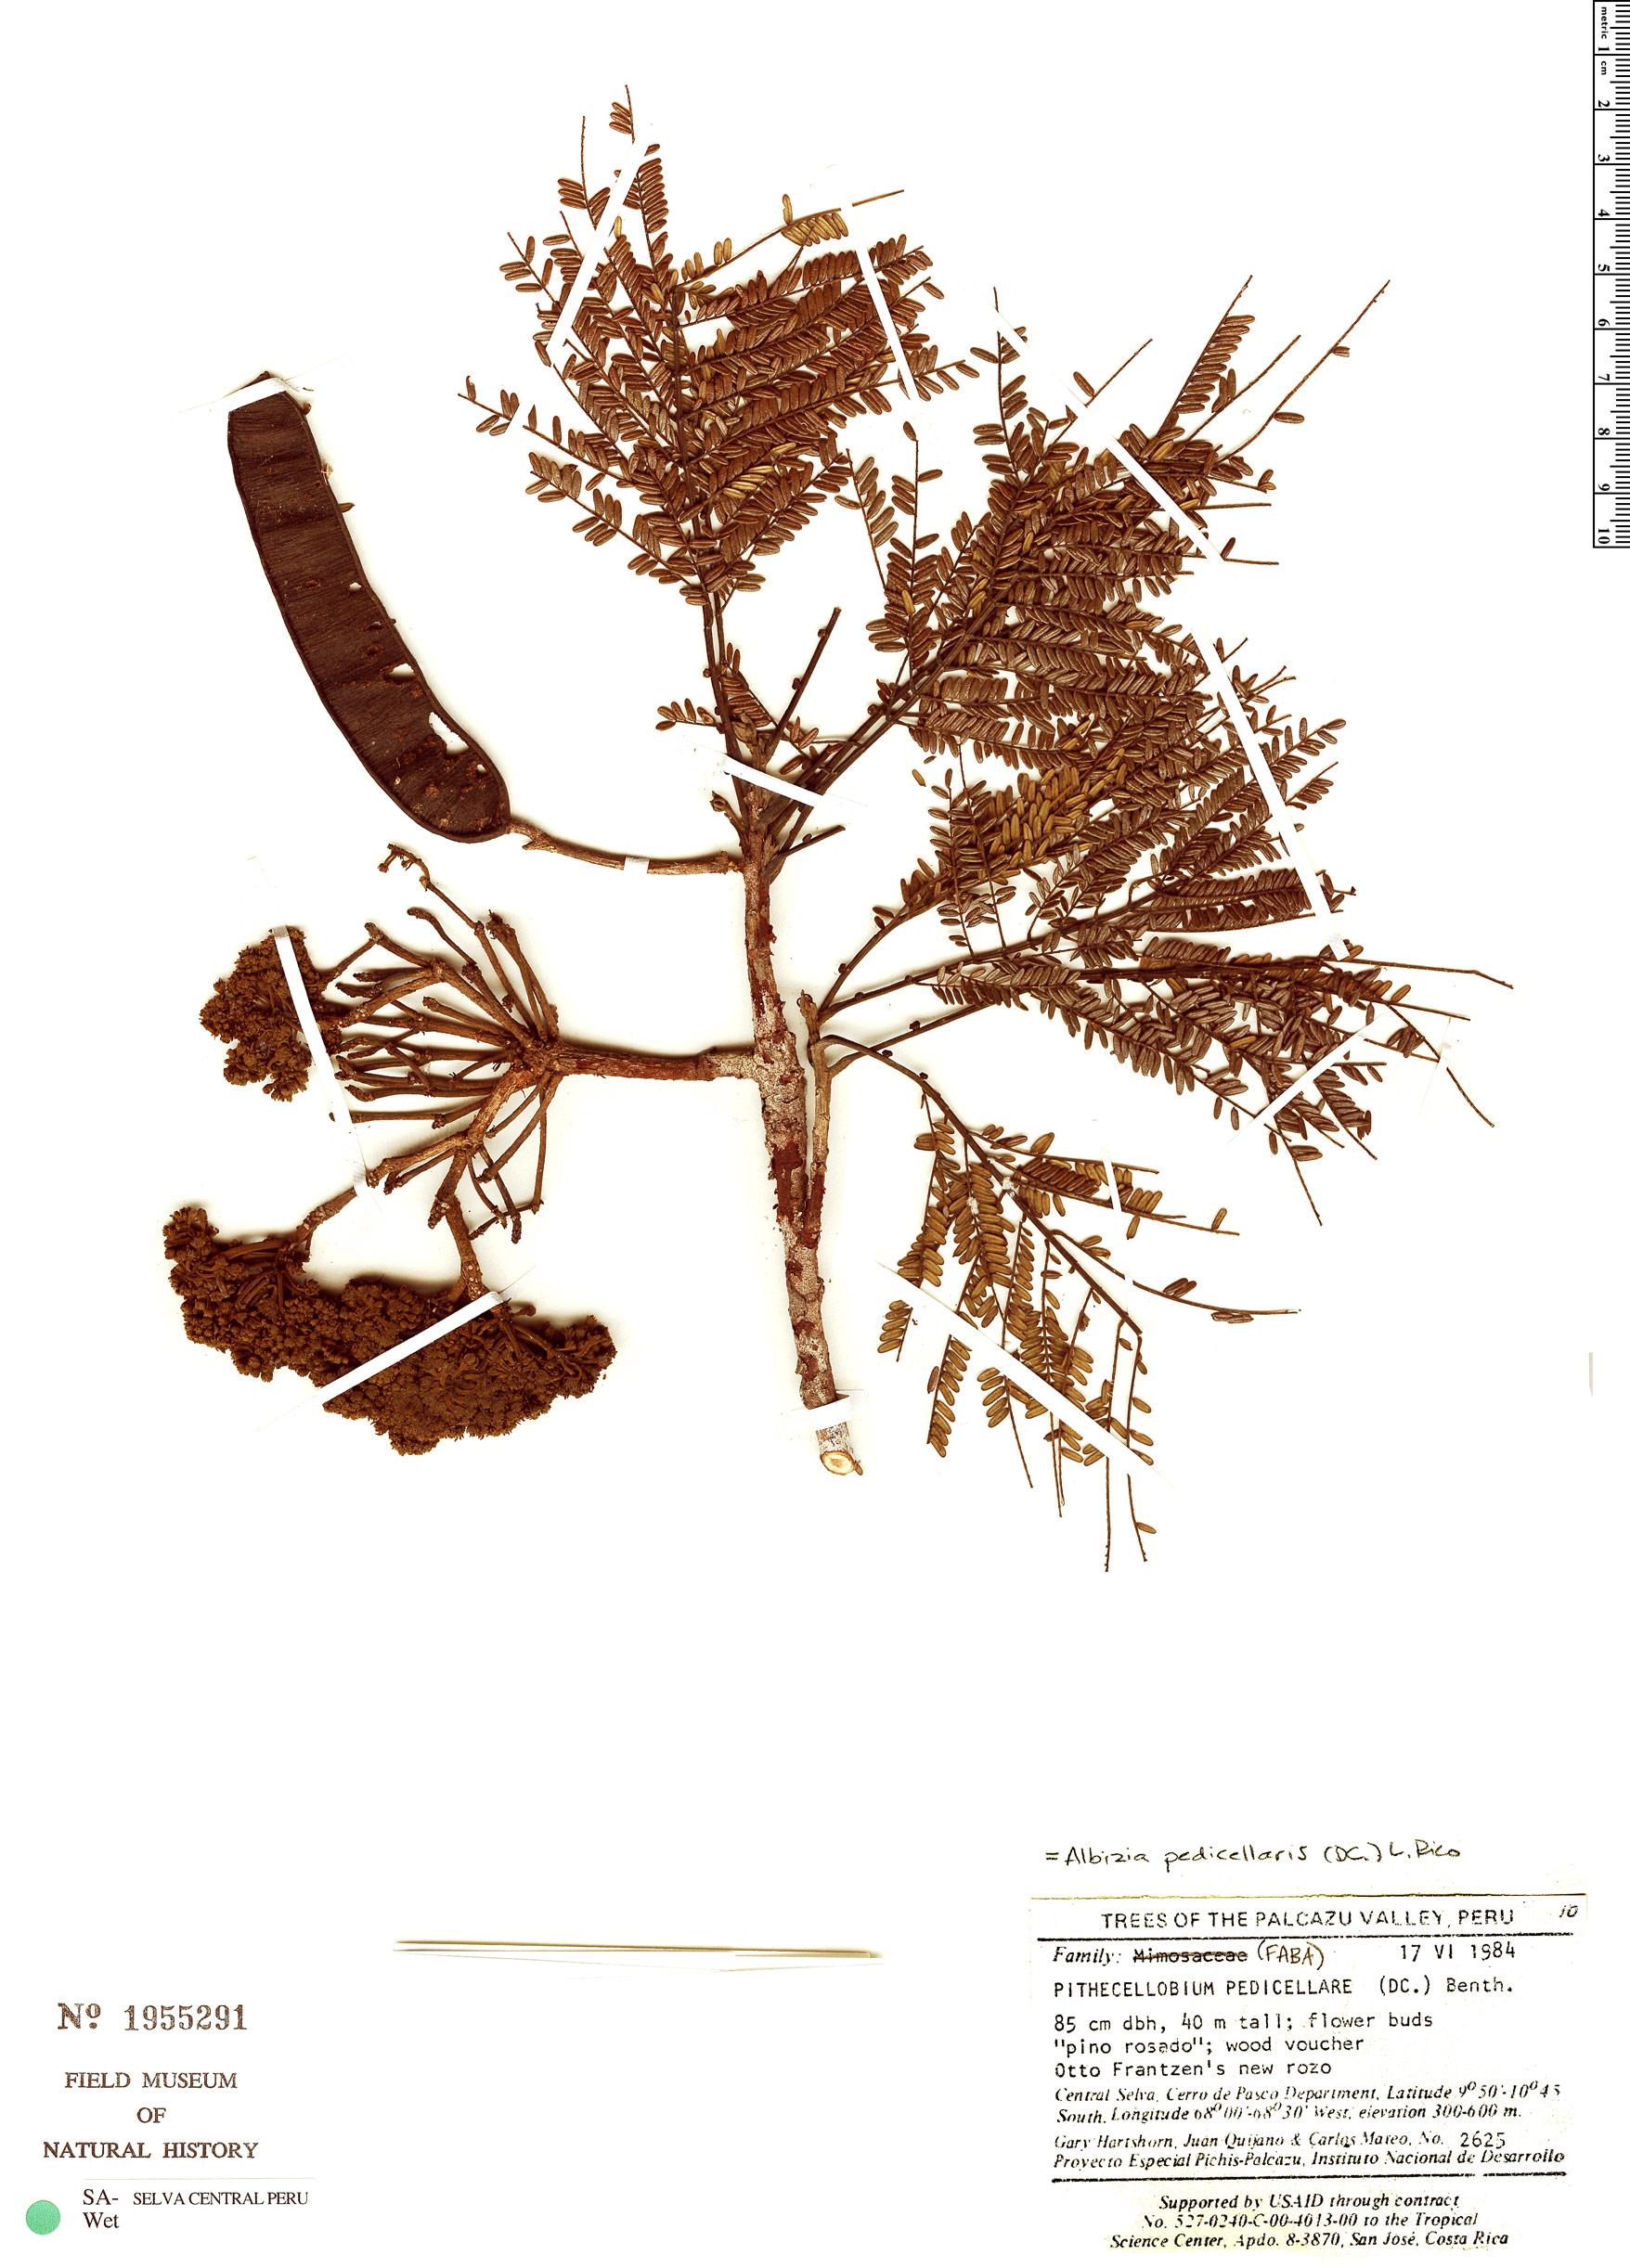 Specimen: Albizia pedicellaris